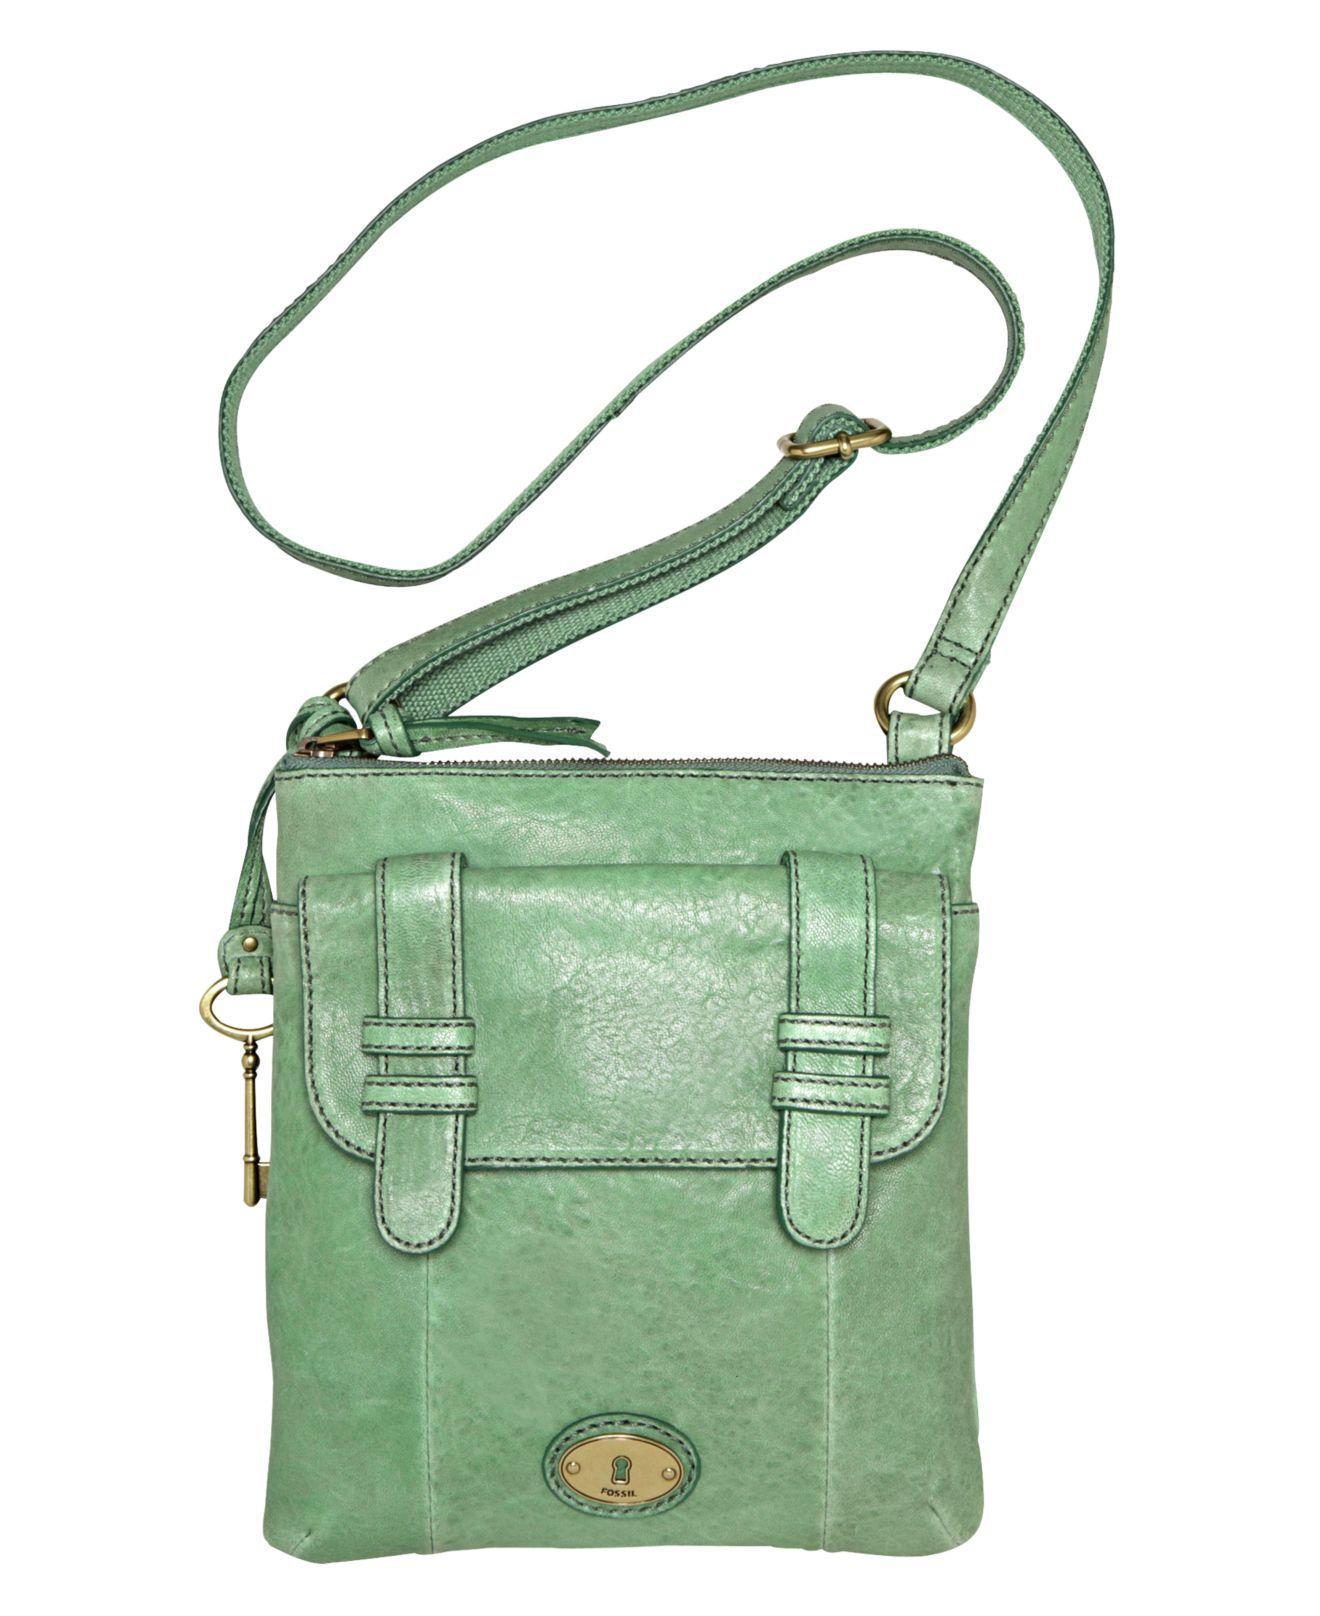 005a7f8946 Fossil Handbag